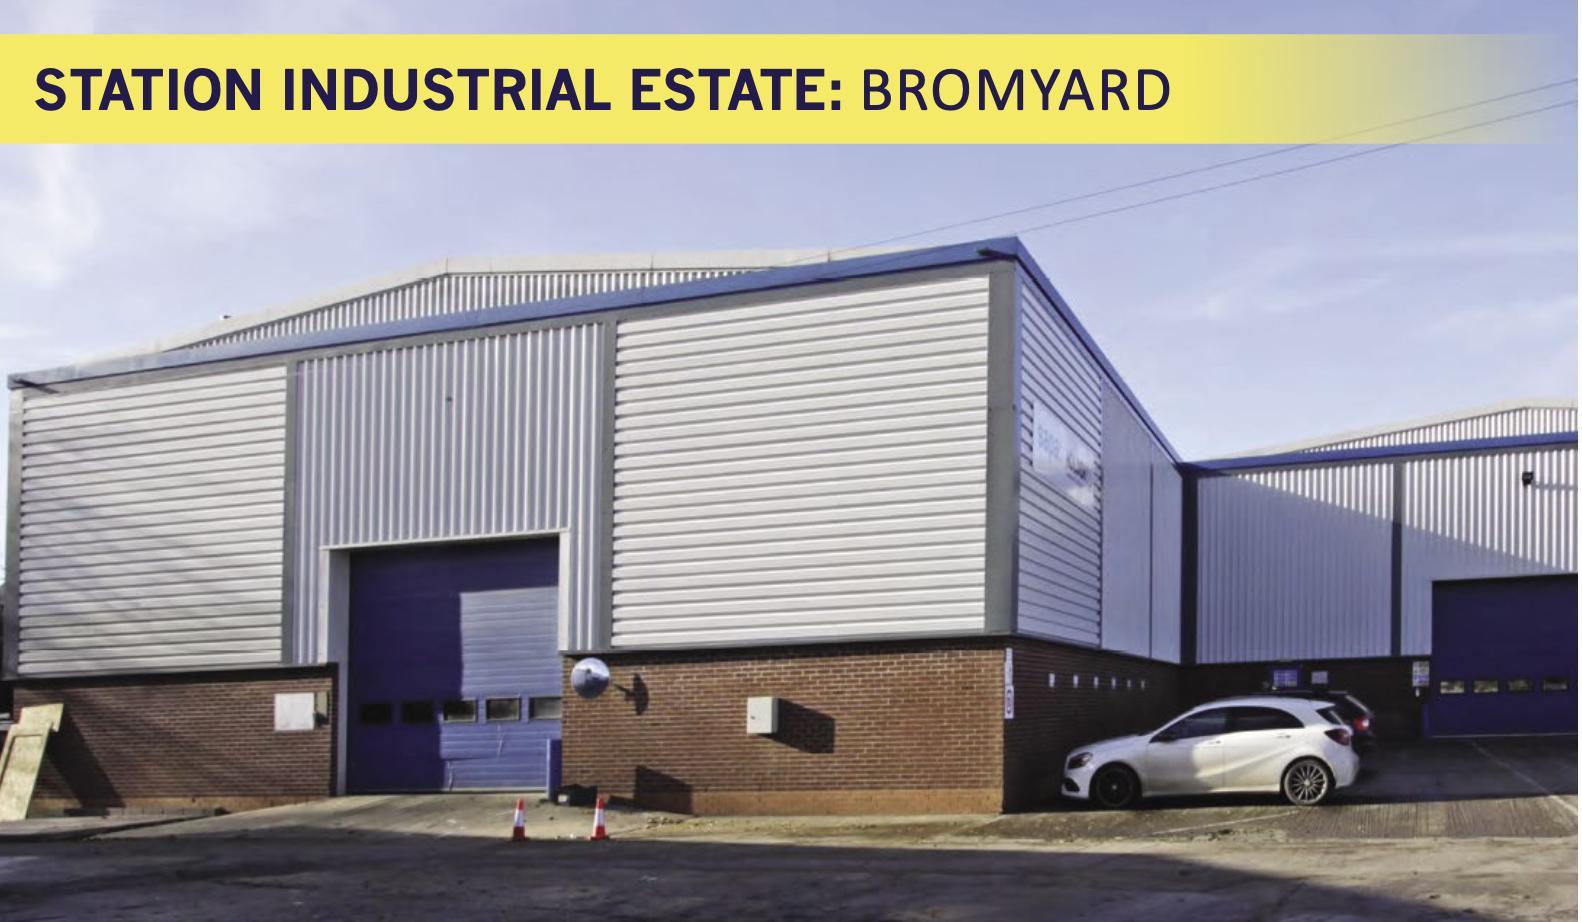 Station Industrial Estate